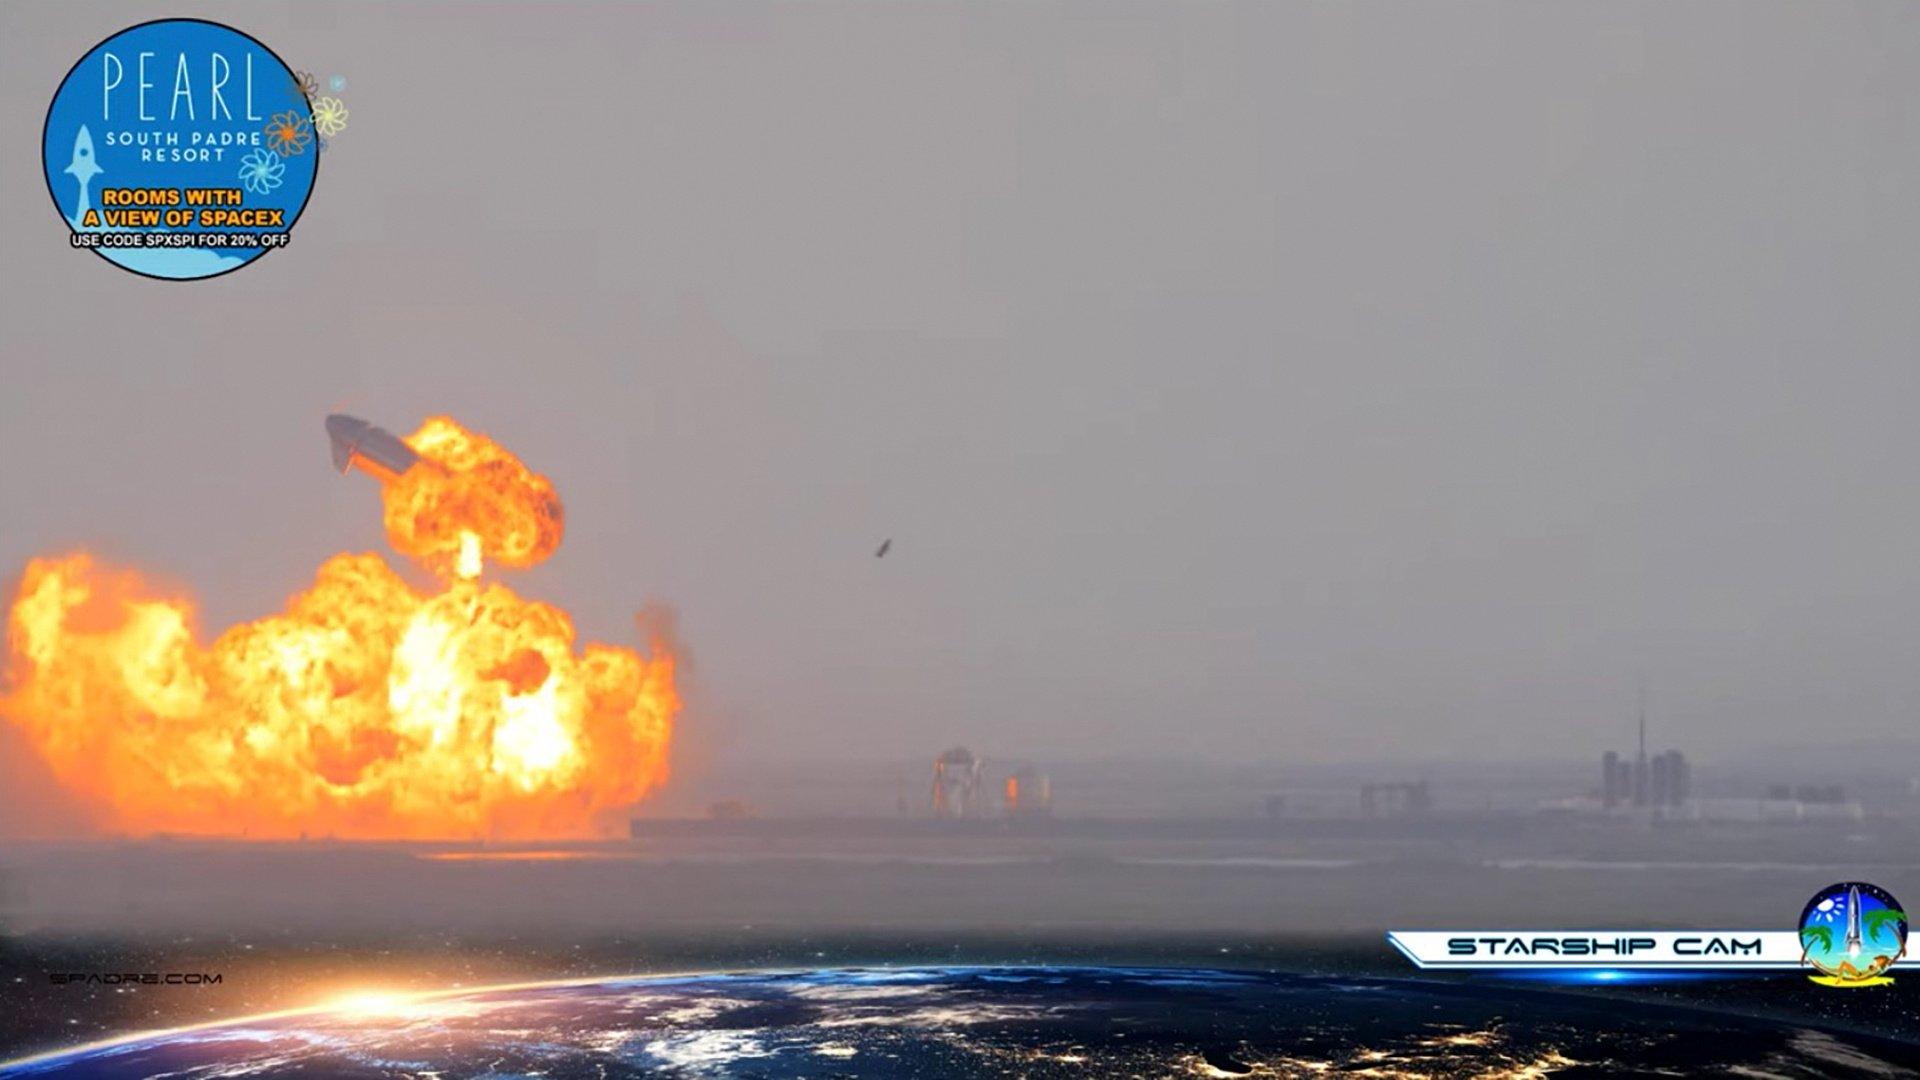 La nave Starship, de SpaceX, explota poco después de aterrizar con éxito